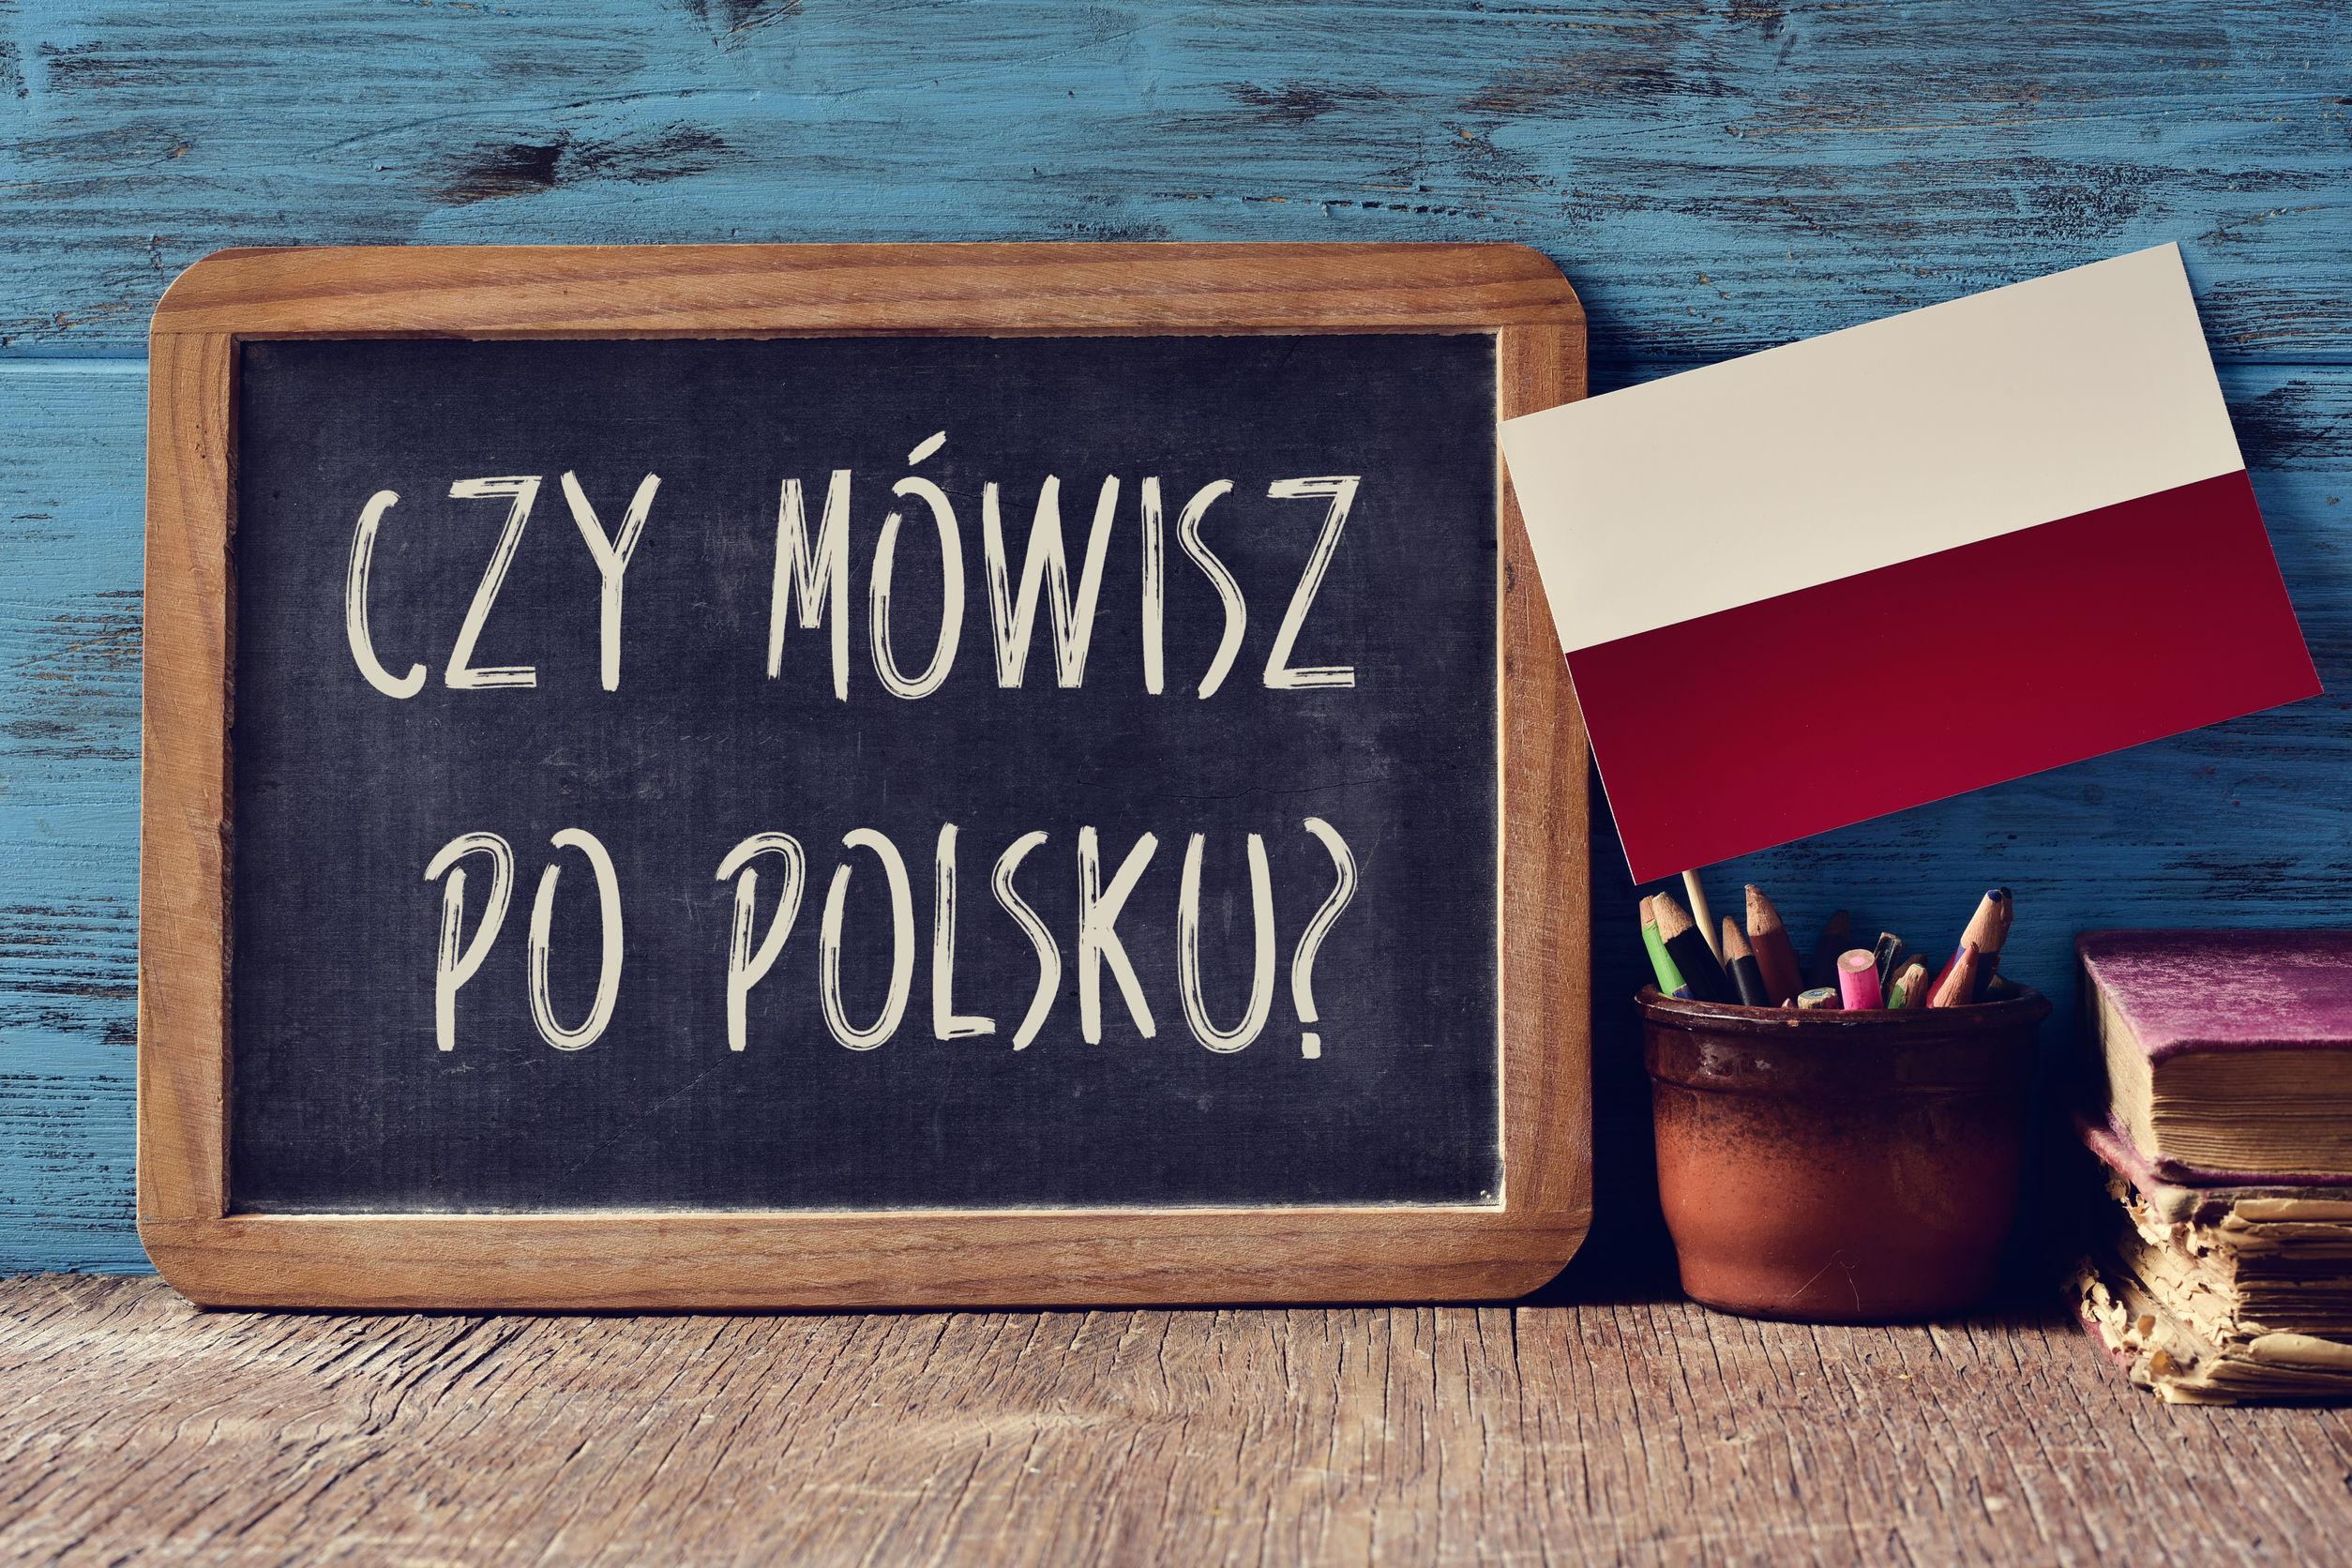 deutsch-polnisch beglaubigte übersetzungen